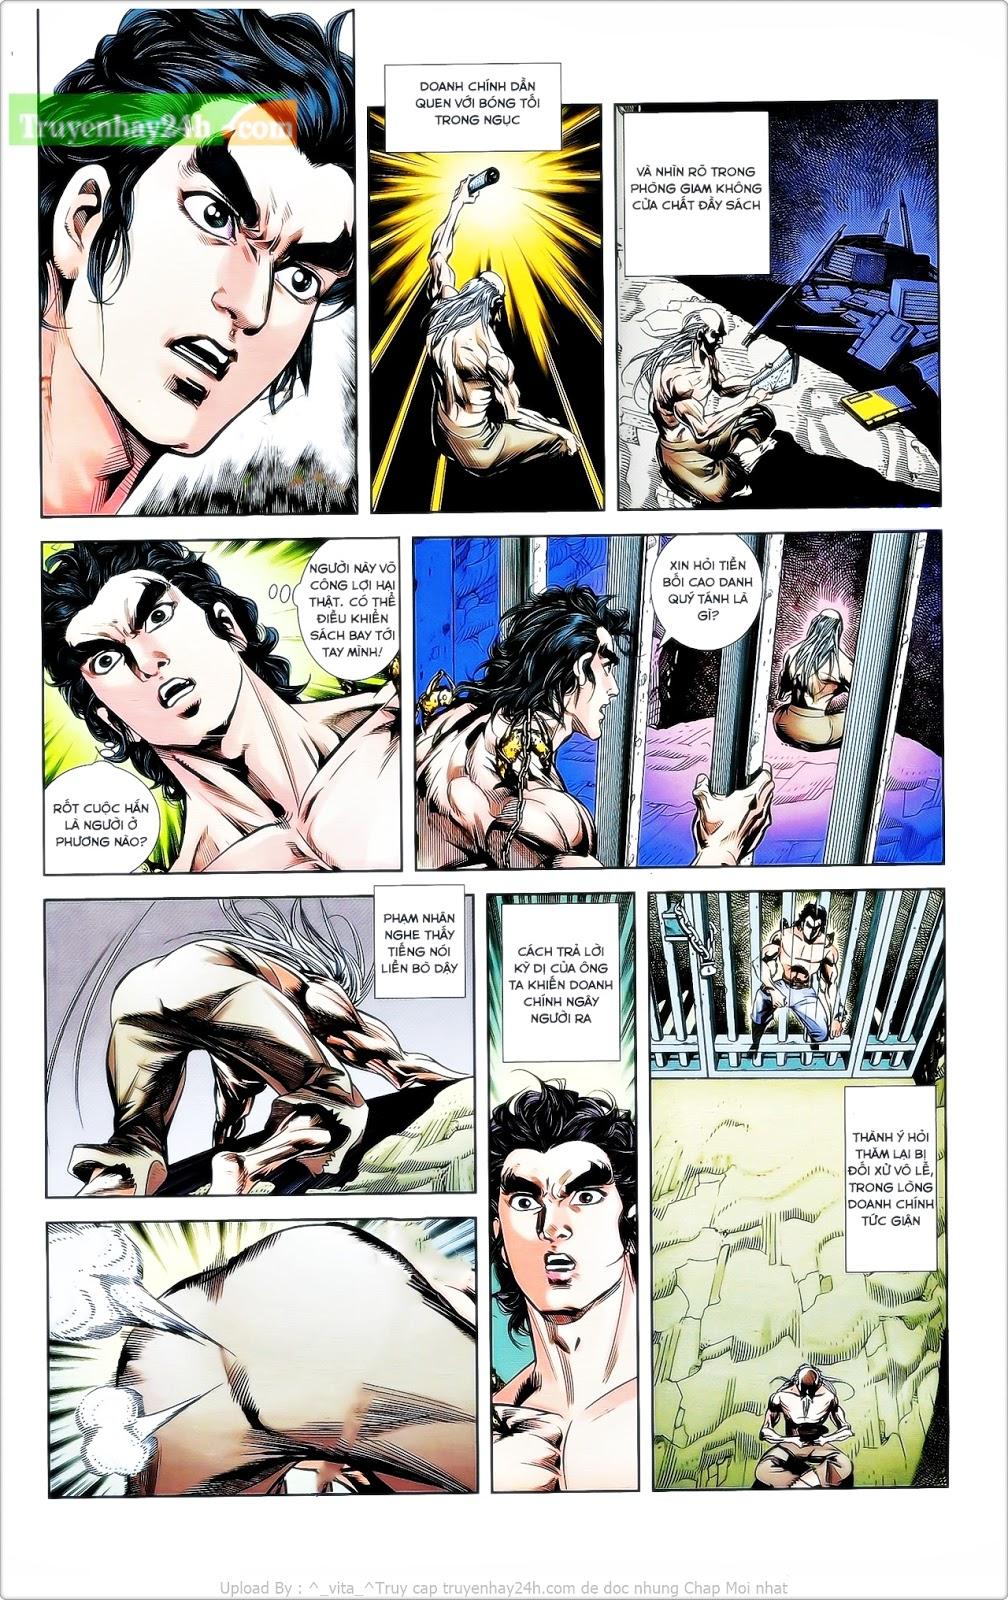 Tần Vương Doanh Chính chapter 24 trang 20